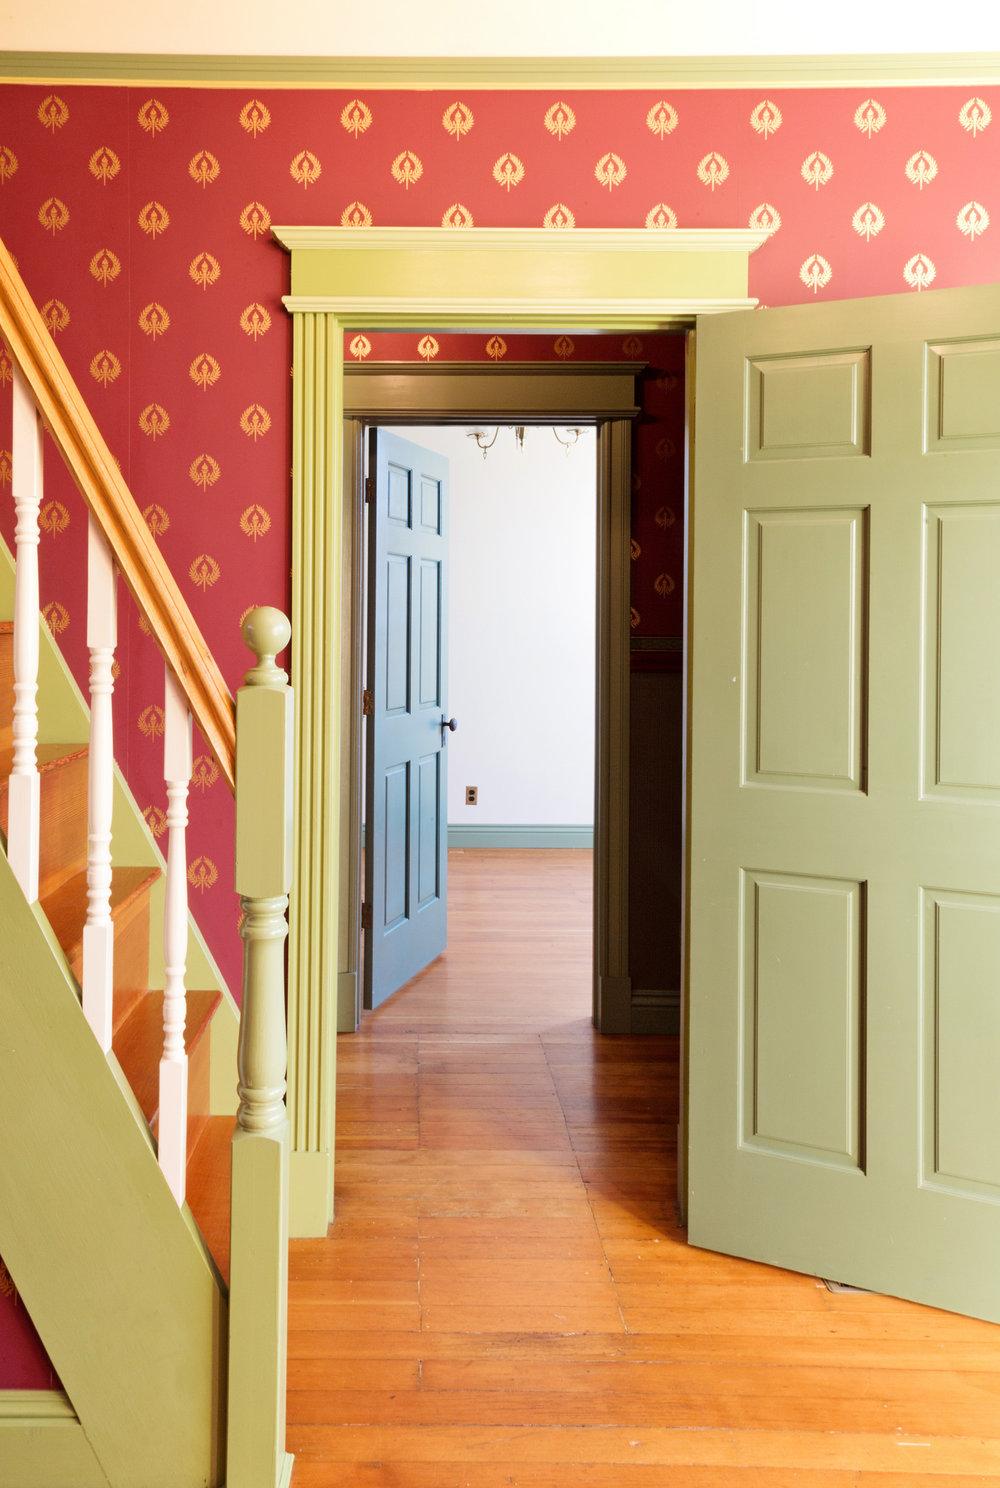 frontroom5.jpg